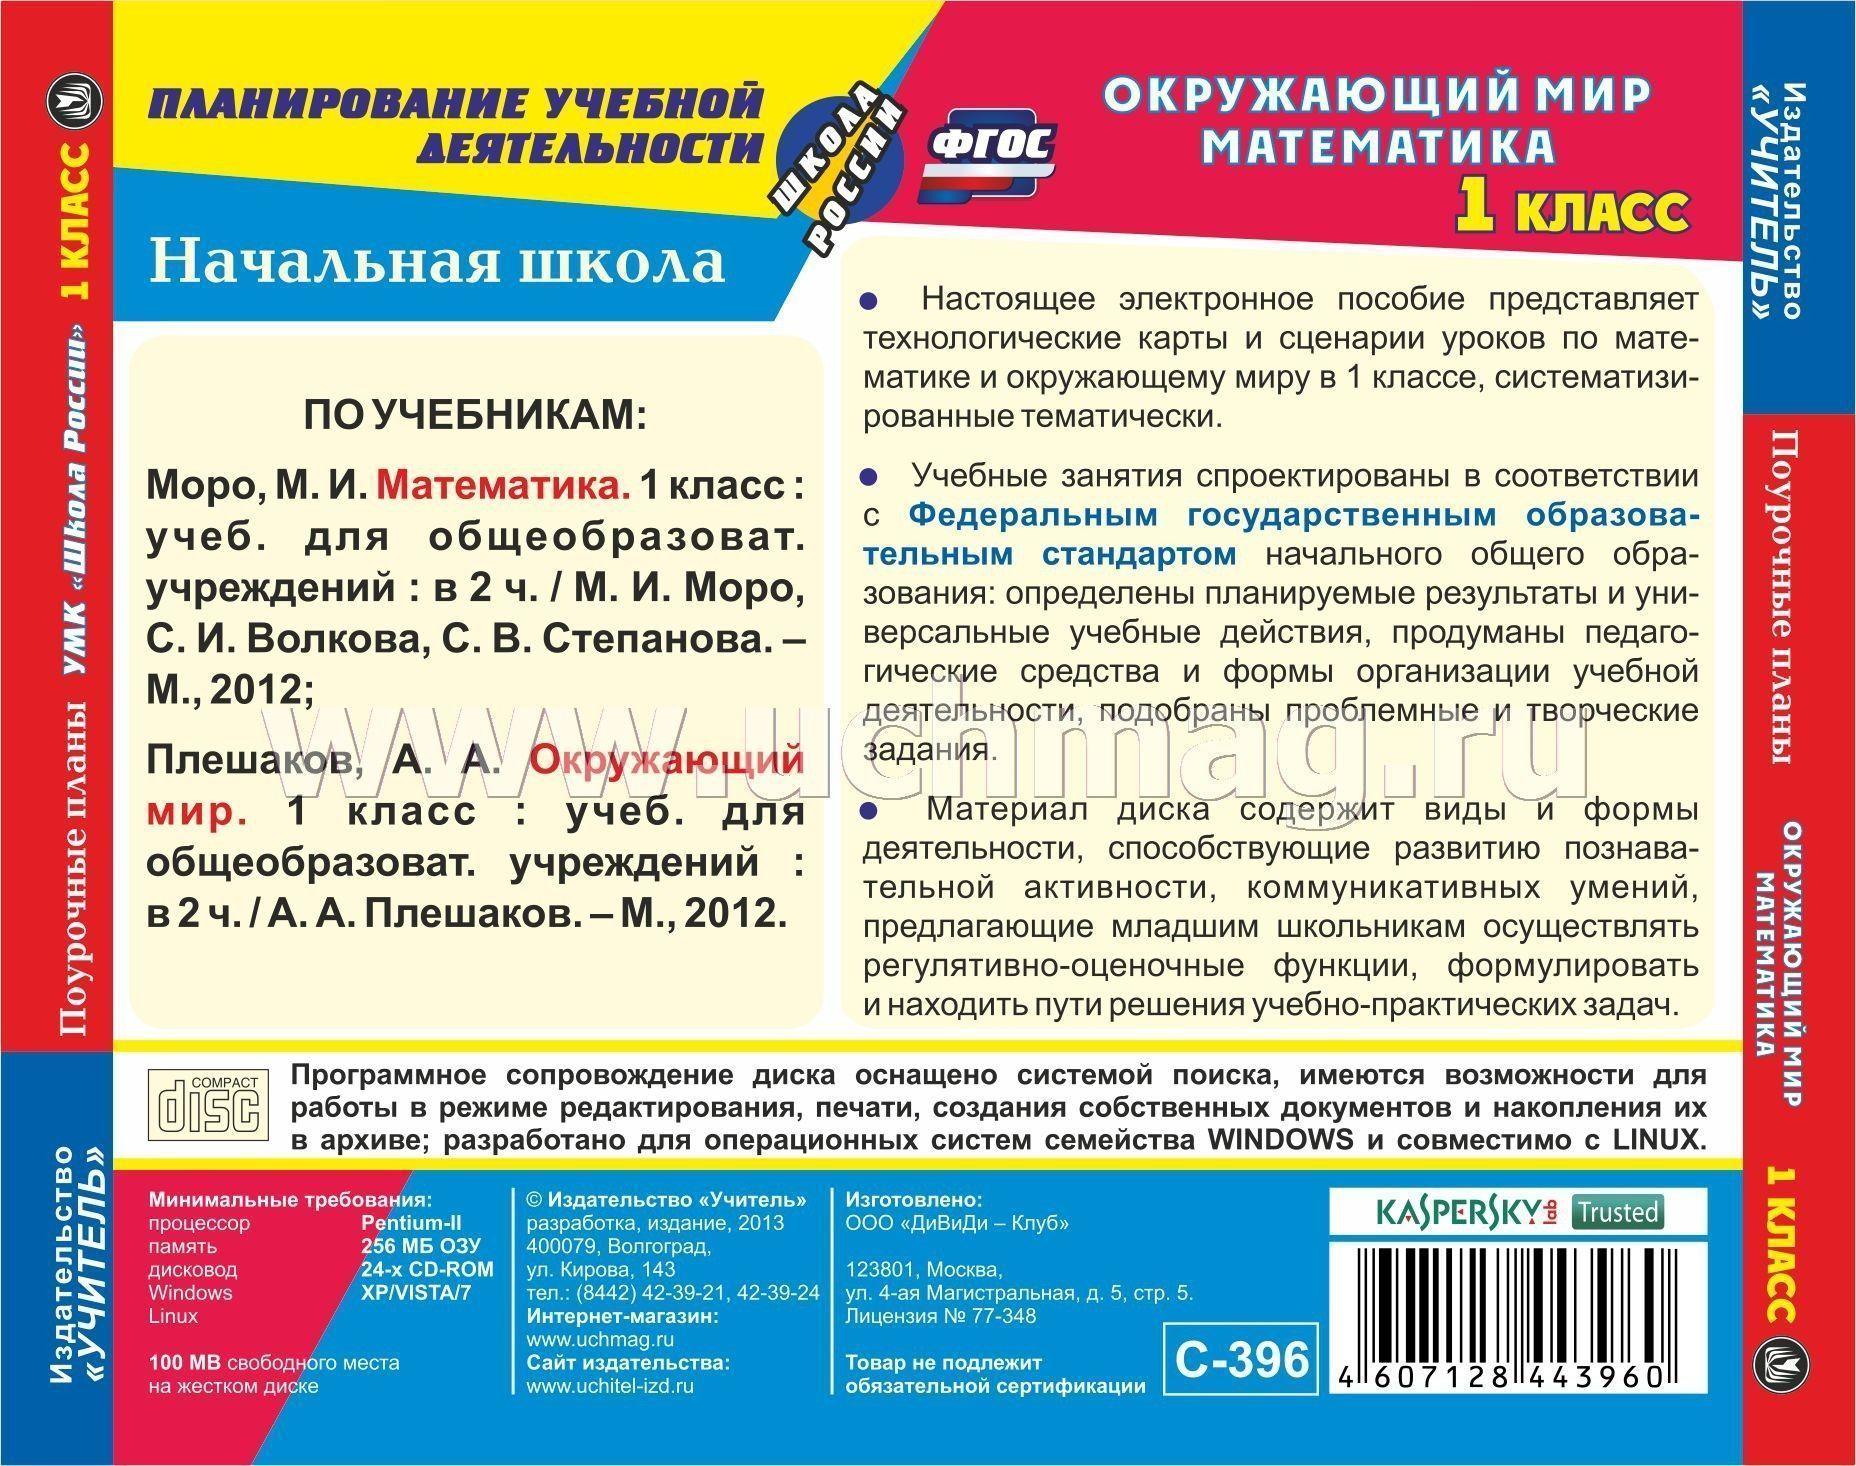 Поурочное планирование умк школа россии 2 кл по математике моро качать книгу бесплатно